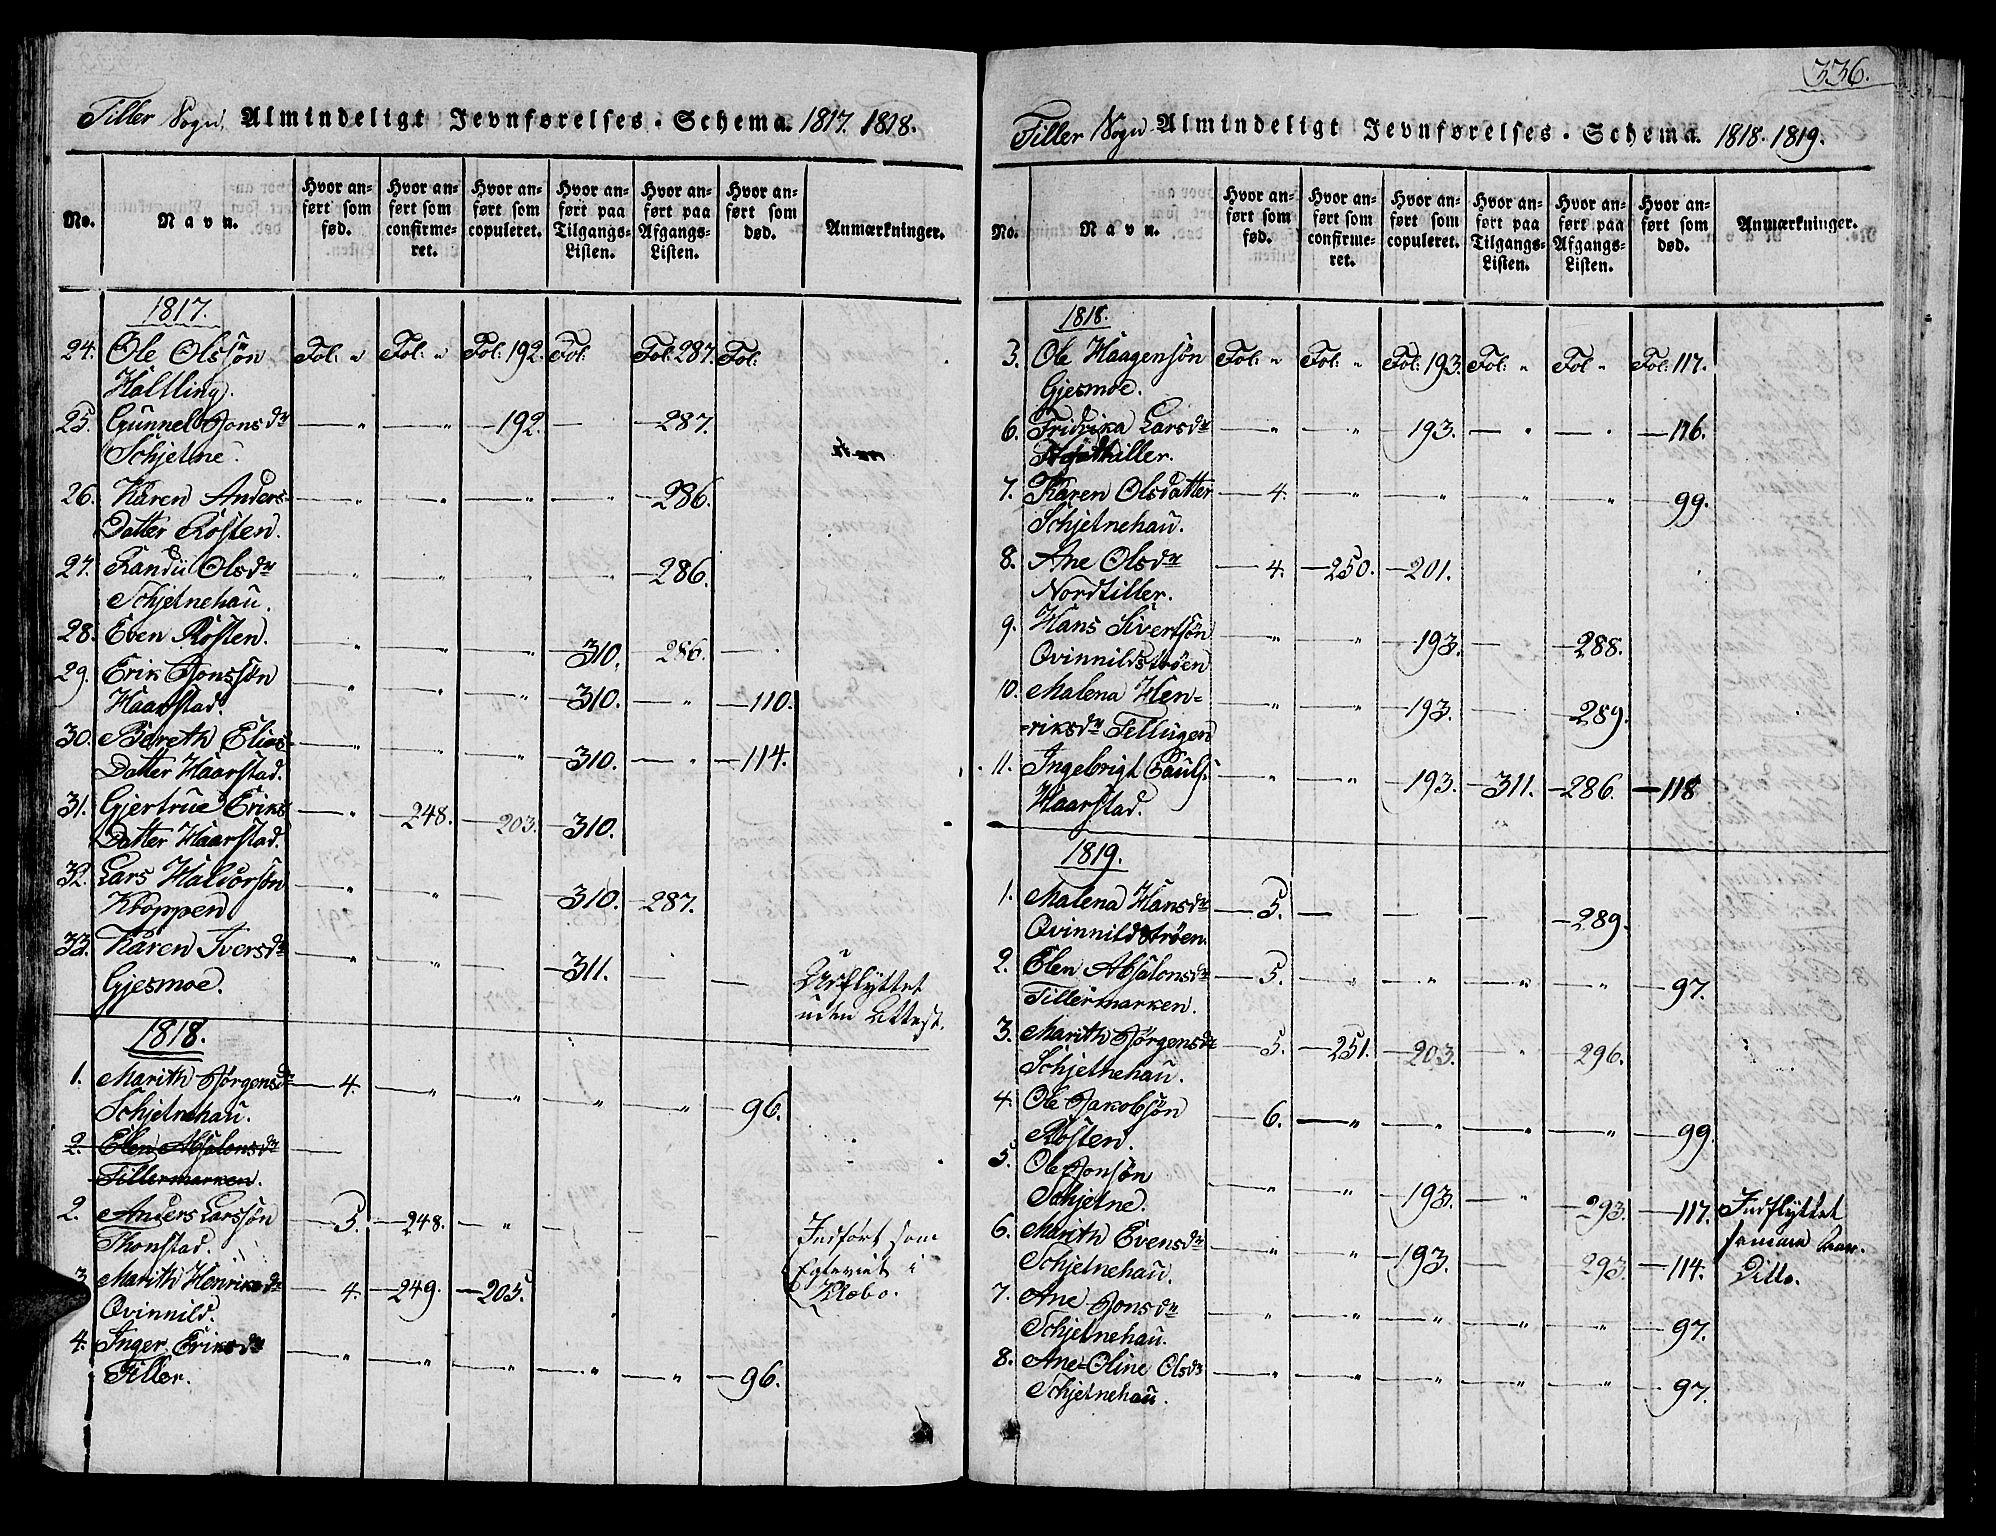 SAT, Ministerialprotokoller, klokkerbøker og fødselsregistre - Sør-Trøndelag, 621/L0458: Klokkerbok nr. 621C01, 1816-1865, s. 336